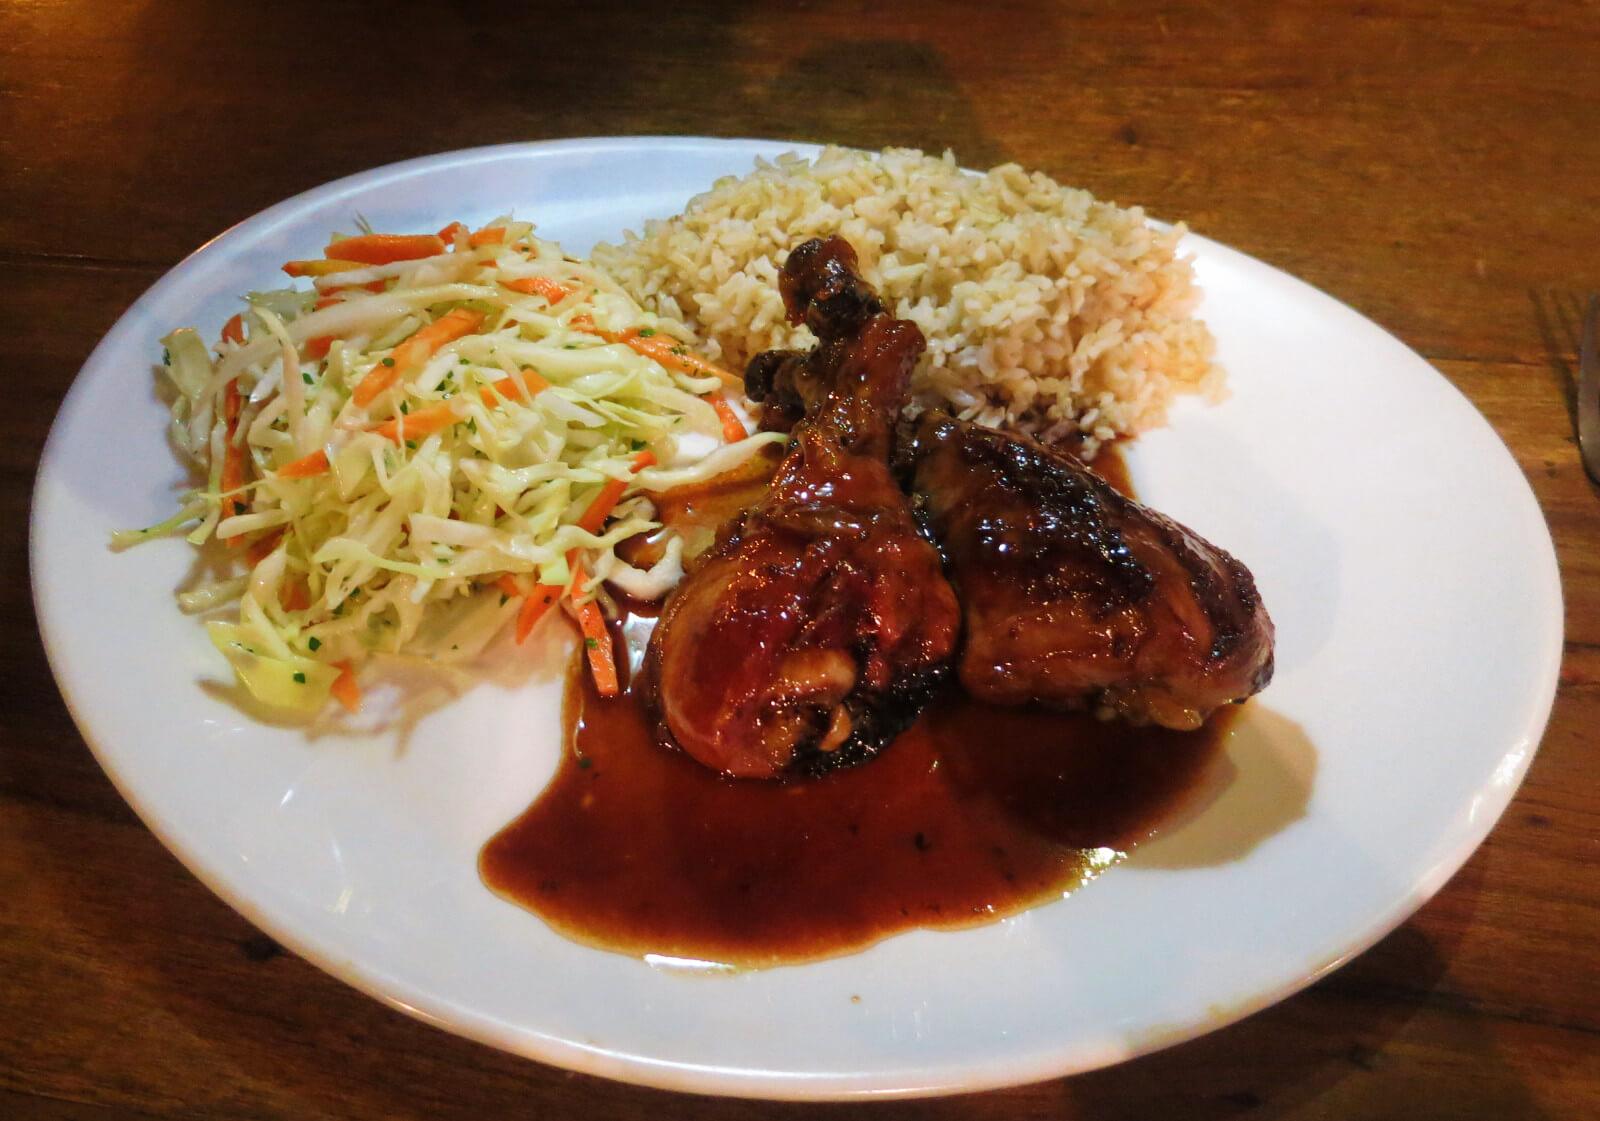 Delicious teriyaki chicken at Cafe Hood in Baños, Ecuador.